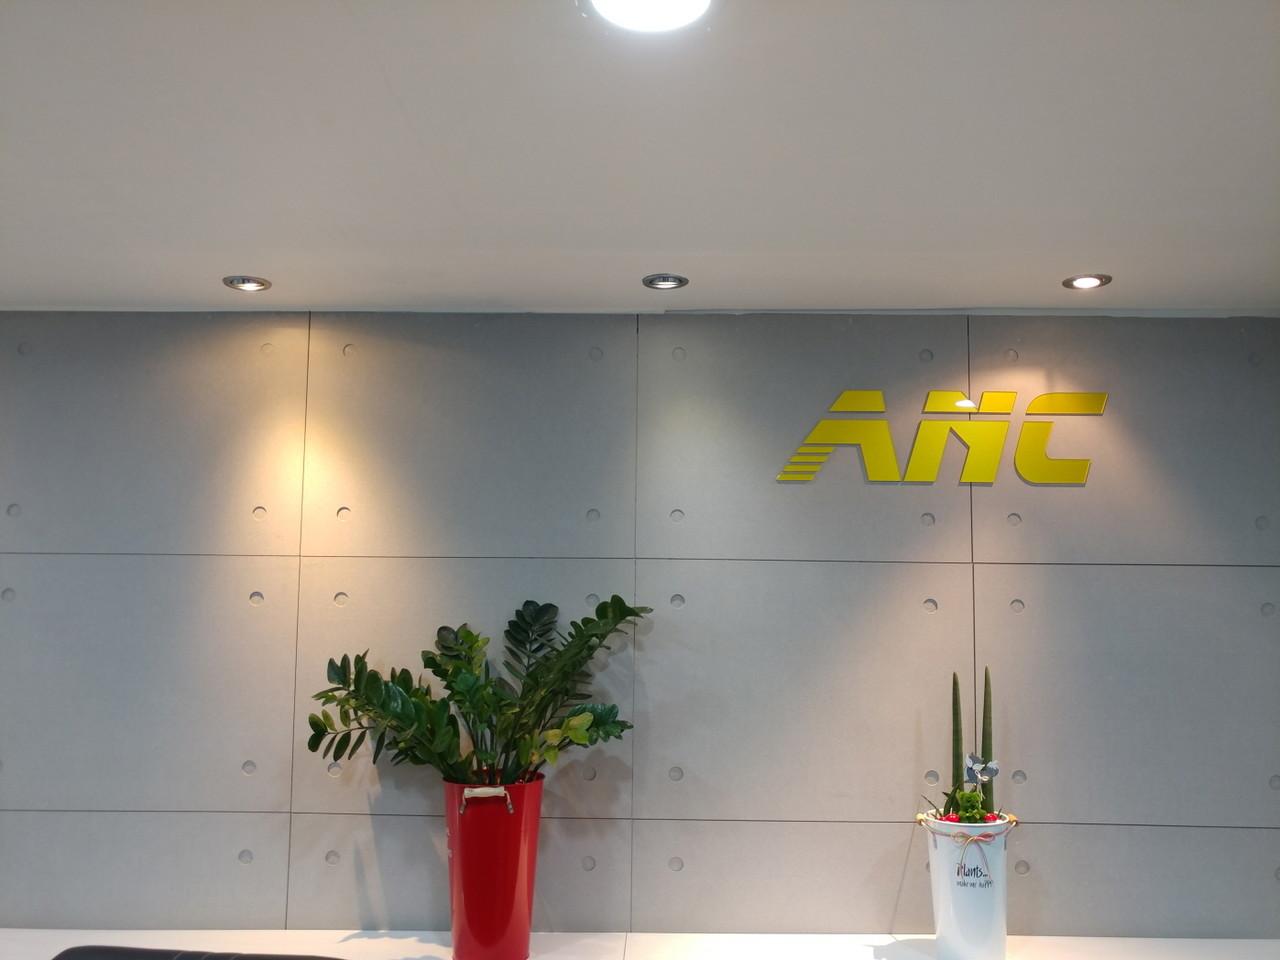 1989년 설립 이래 외항사 채용대행기관인 부산승무원학원 ANC는 전세계 약 20여개 이상의 외항사 채용대행을 맡아 진행하고 있습니다.